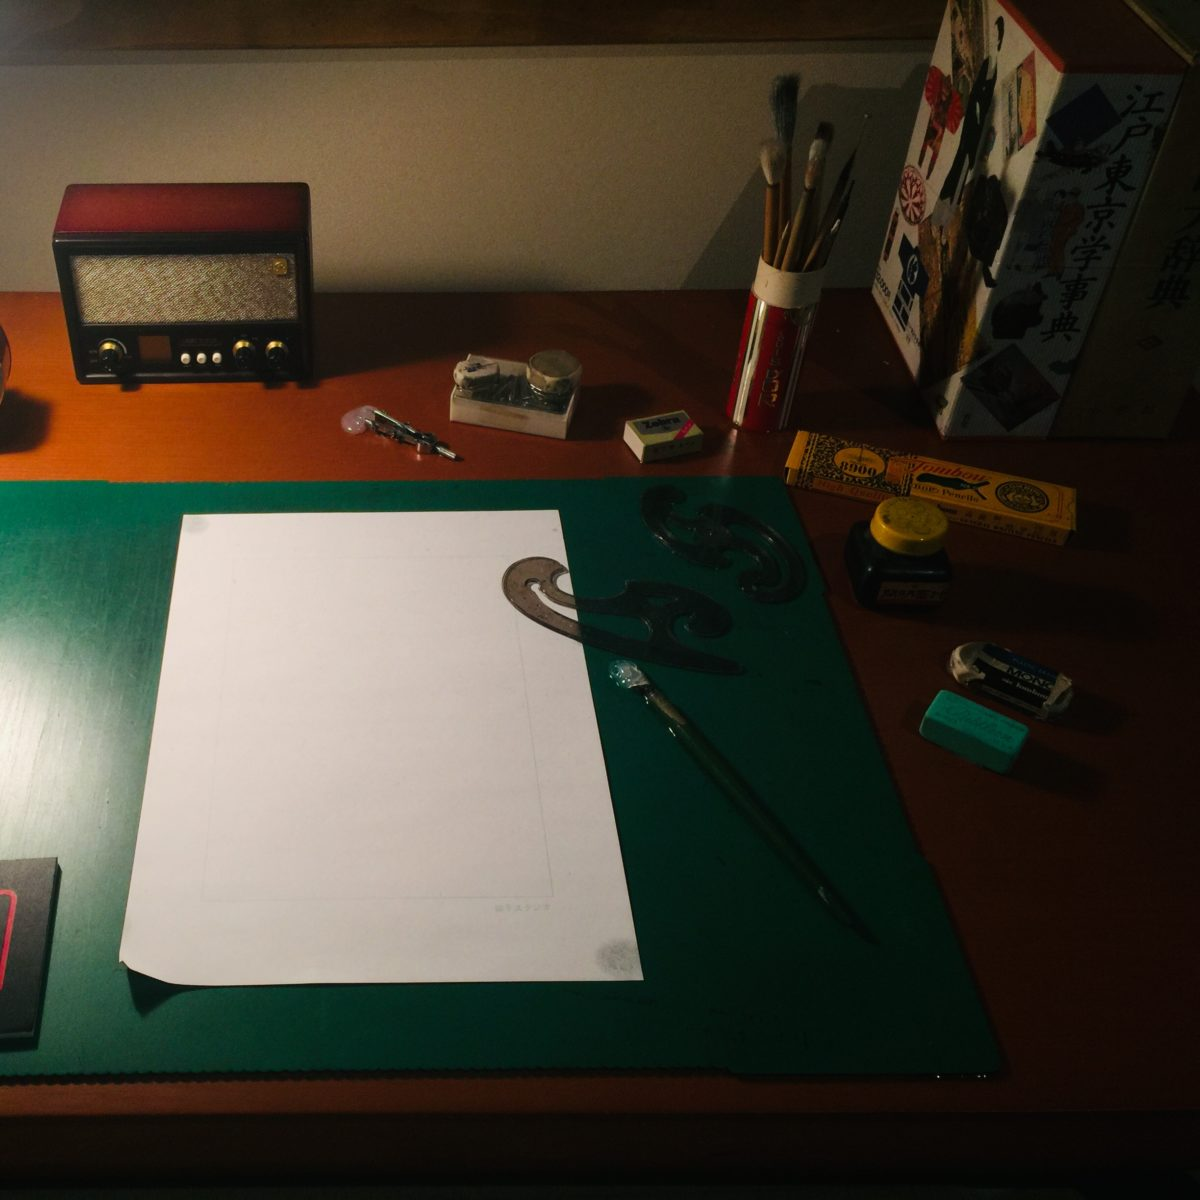 「藤子不二雄Ⓐ展」での澄んでいたトキワ荘の机の再現